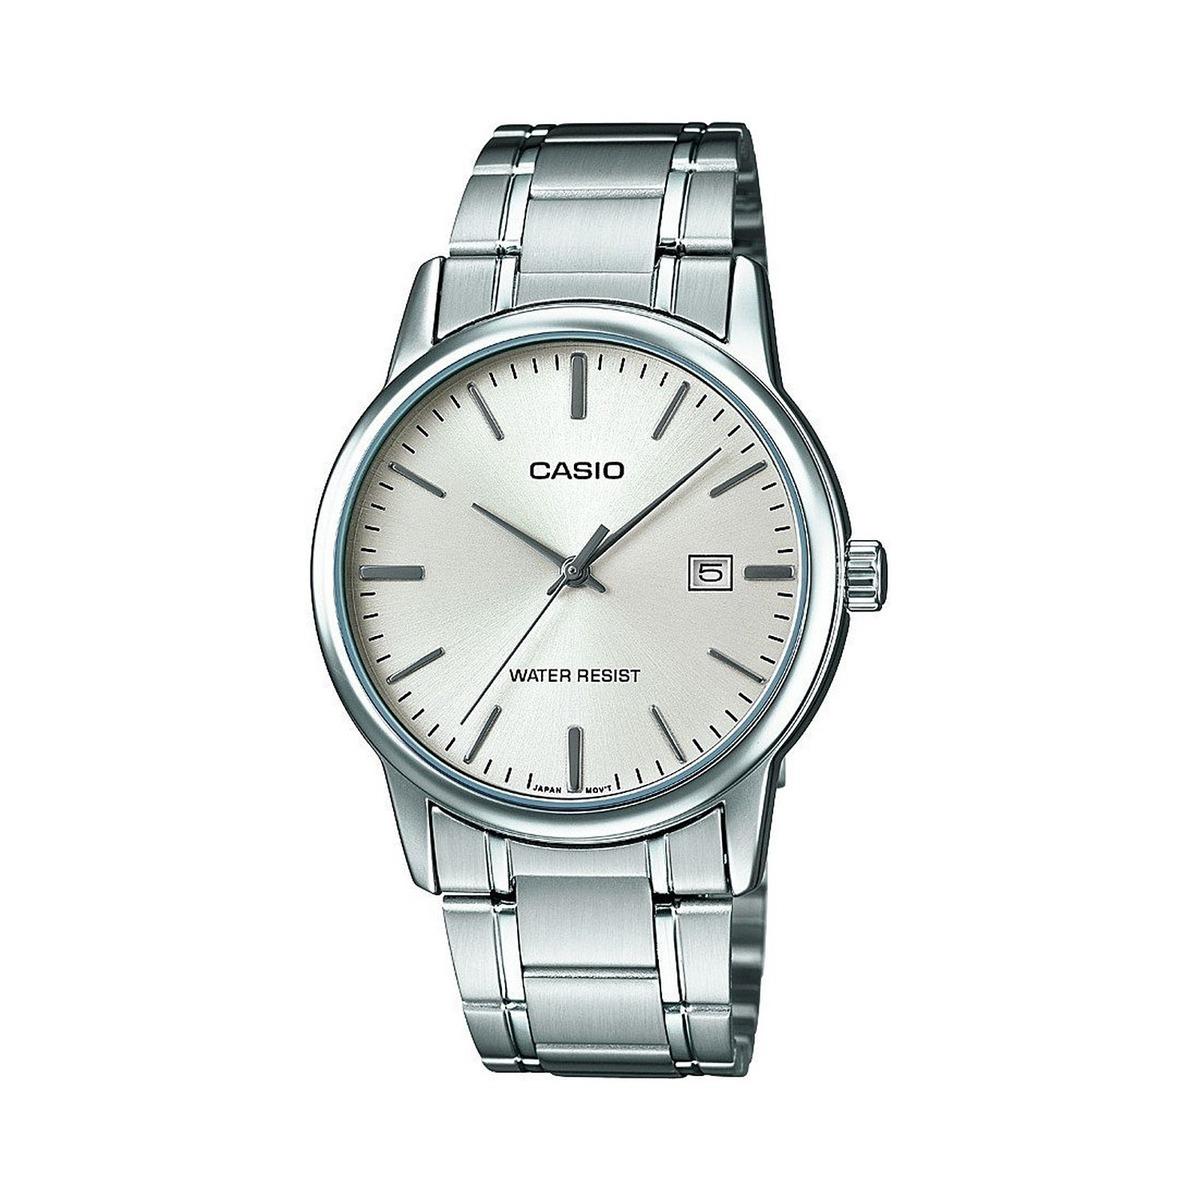 afe380a2cdb Relógio Casio Collection Analógico Feminino Ltp-v002d-7audf - R  179 ...